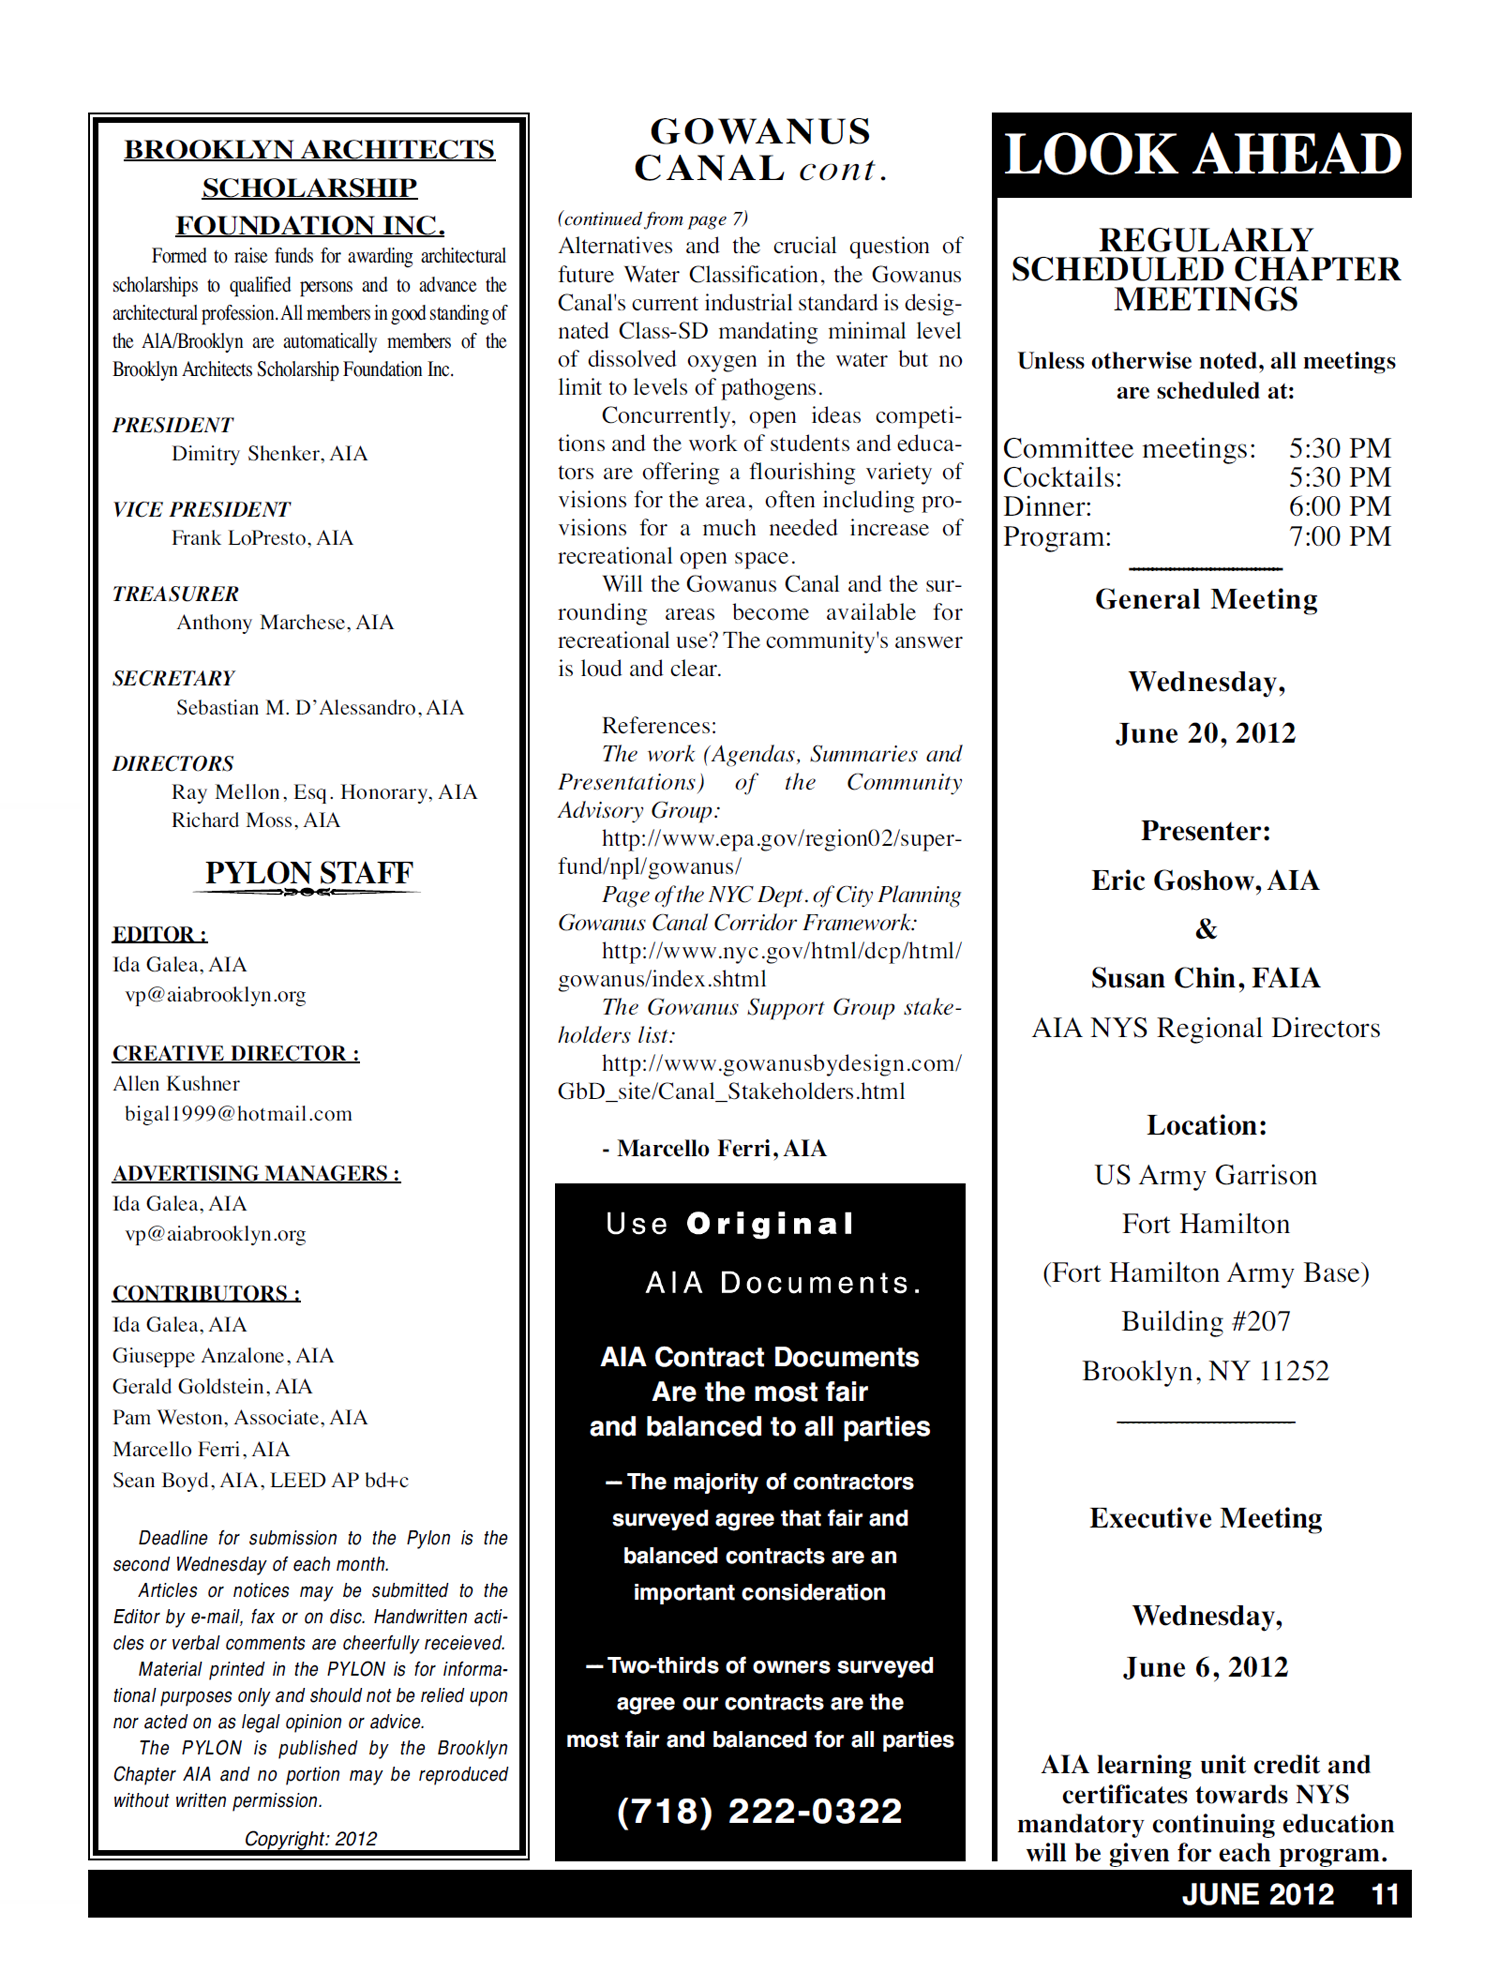 Pylon2012_page02.png